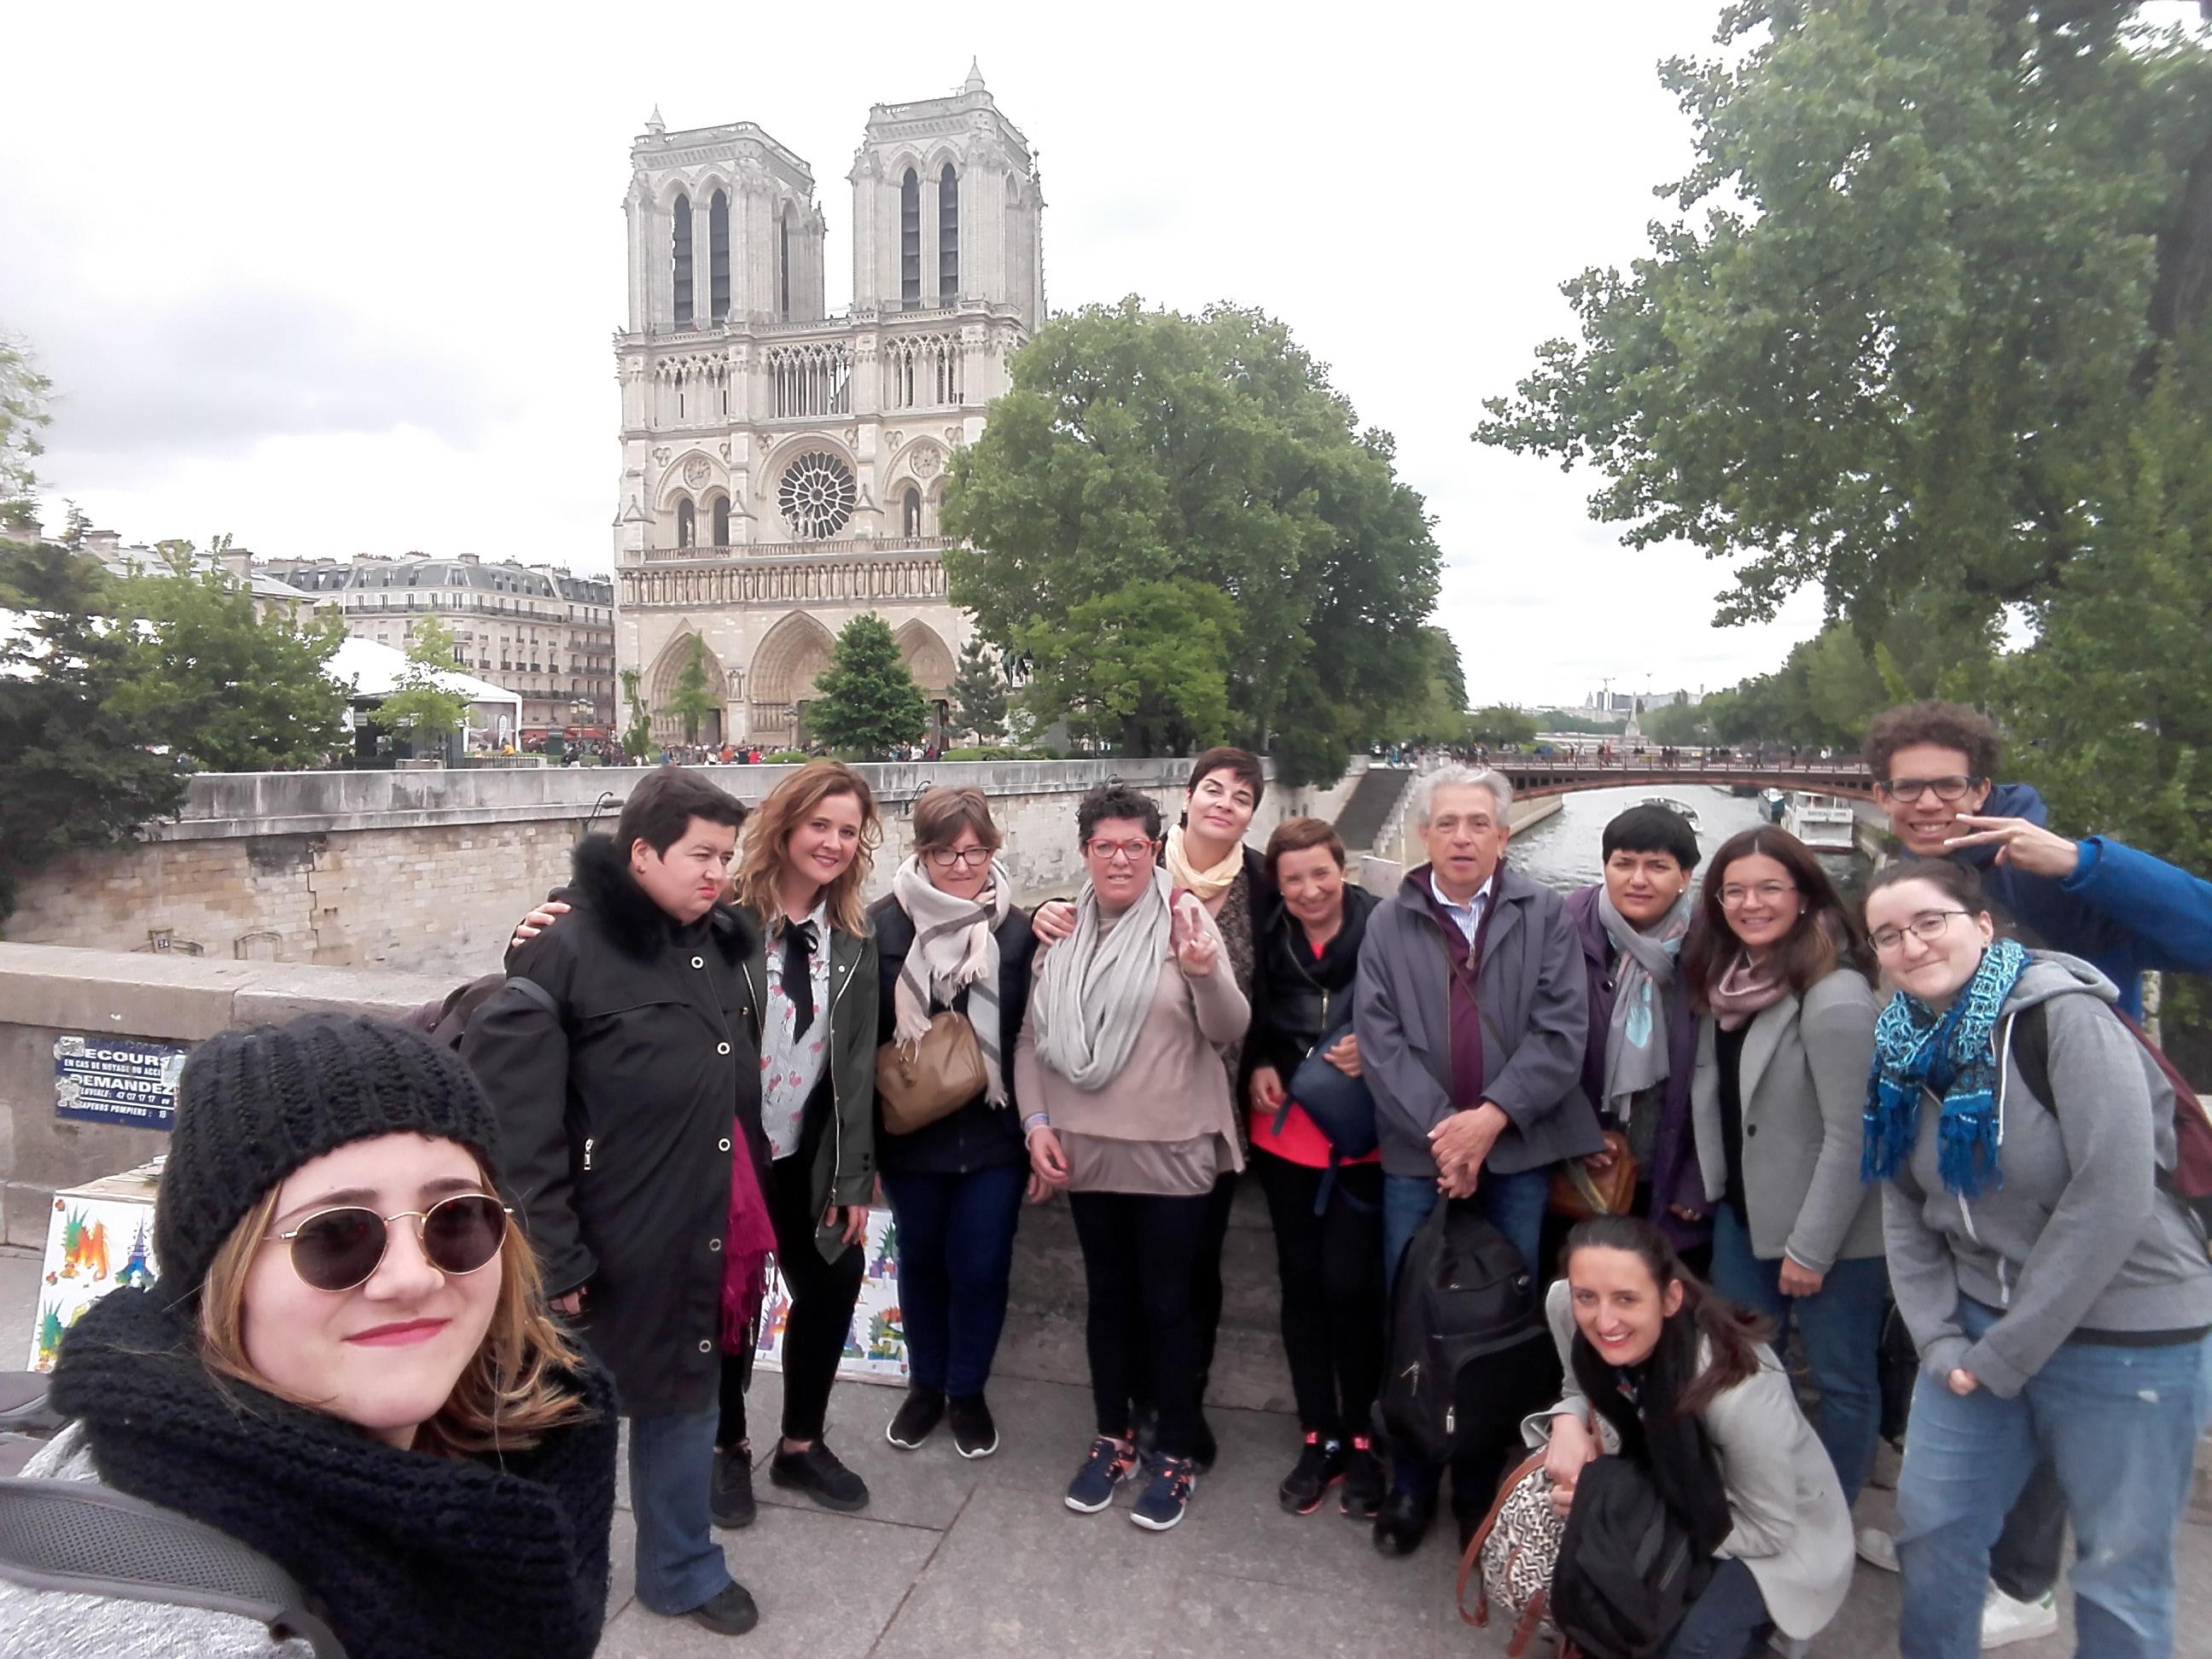 La vivienda tutelada de mujeres posa sonrientes frente a la catedral de Notre Dame en Paris junto con los miembros de la asociación Espaces Ouverts